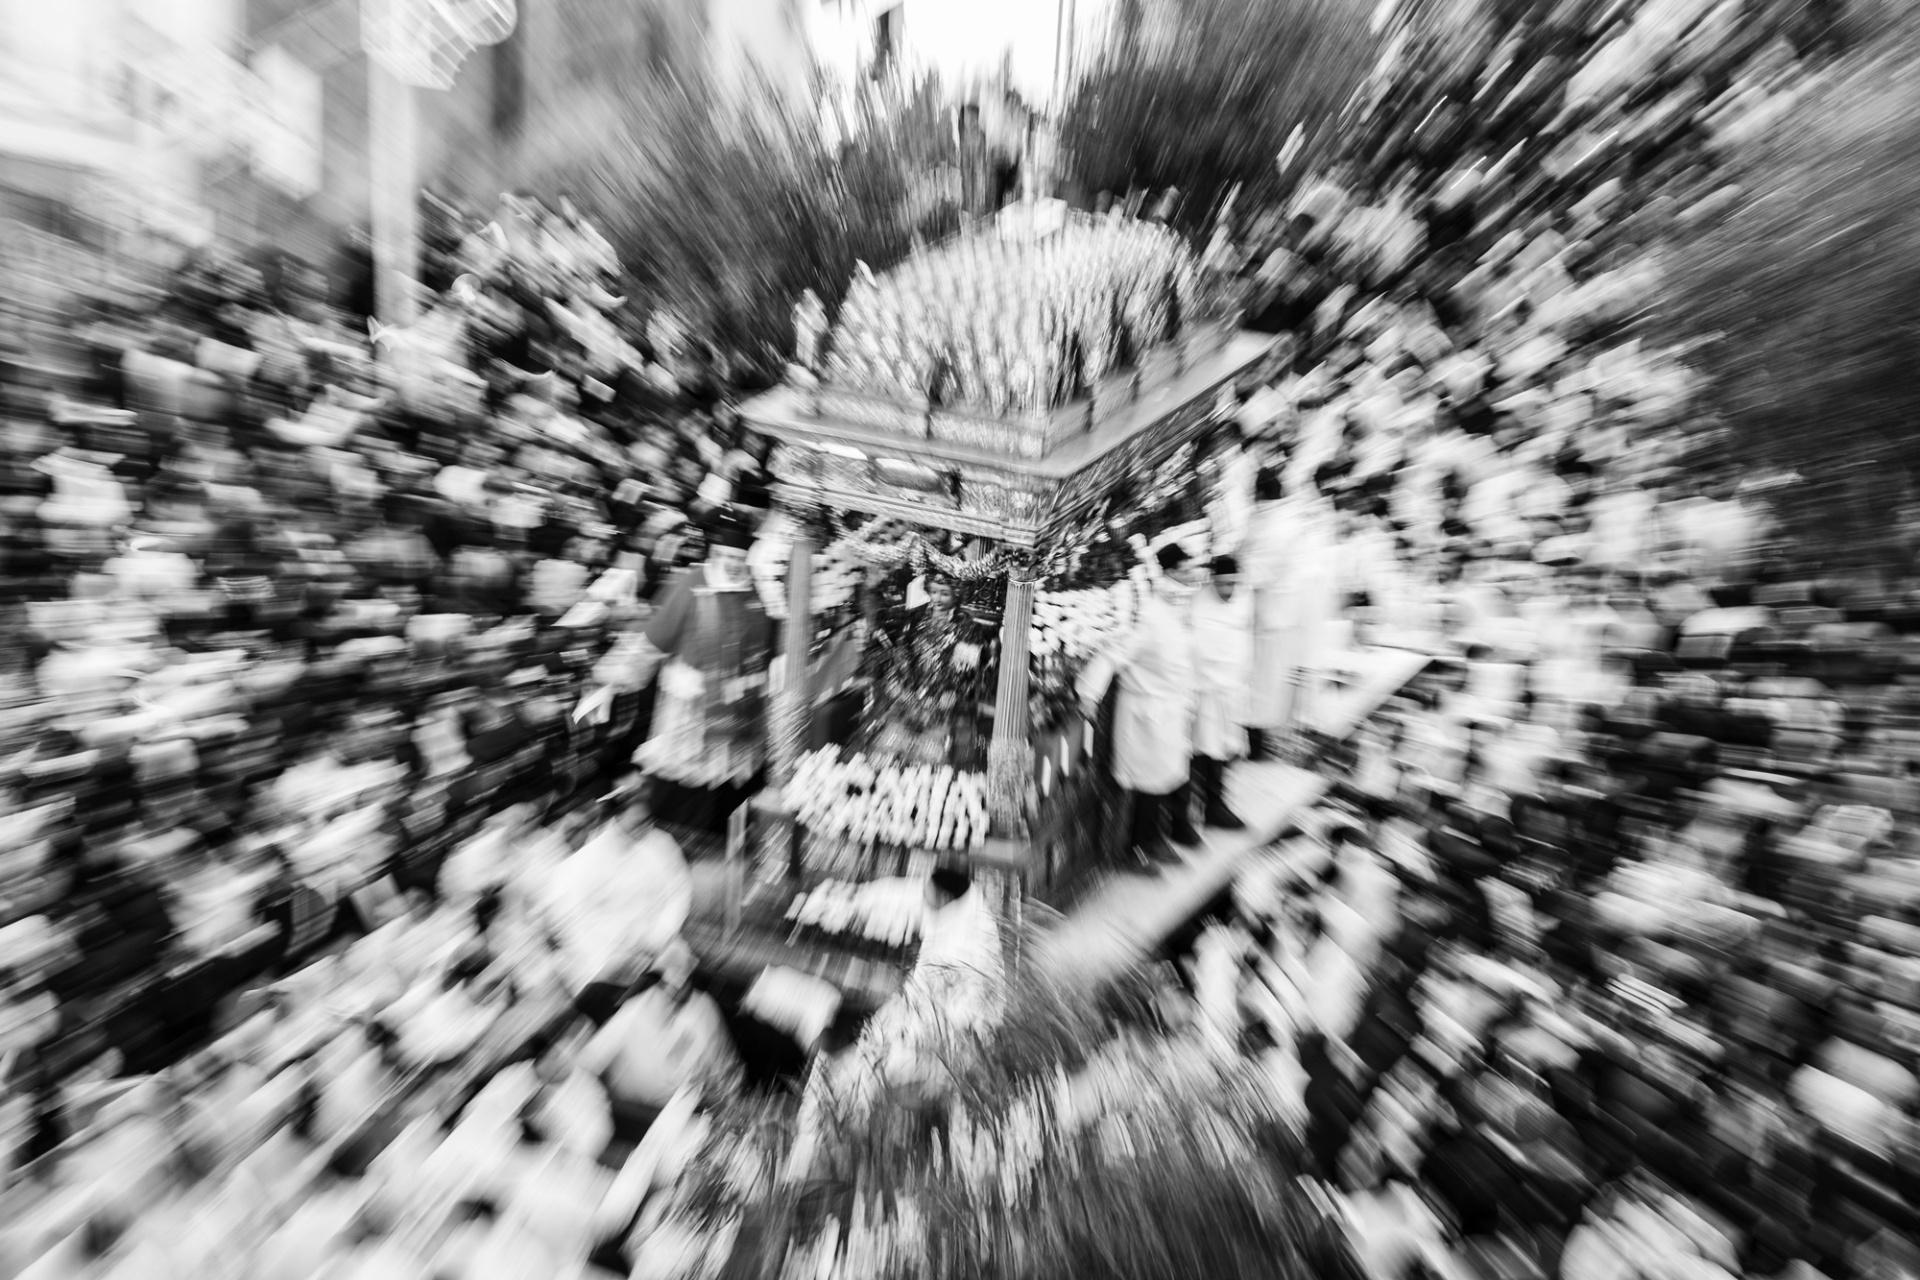 Sant' Agata, tra fuoco e fiamme, Il 17 agosto di quest'anno saranno esattamente 890 anni da quel 1126 che i catanesi si caricano sulle spalle enormi cannelore in segno di devozione alla loro Santa. Un peso considerevole che migliaia